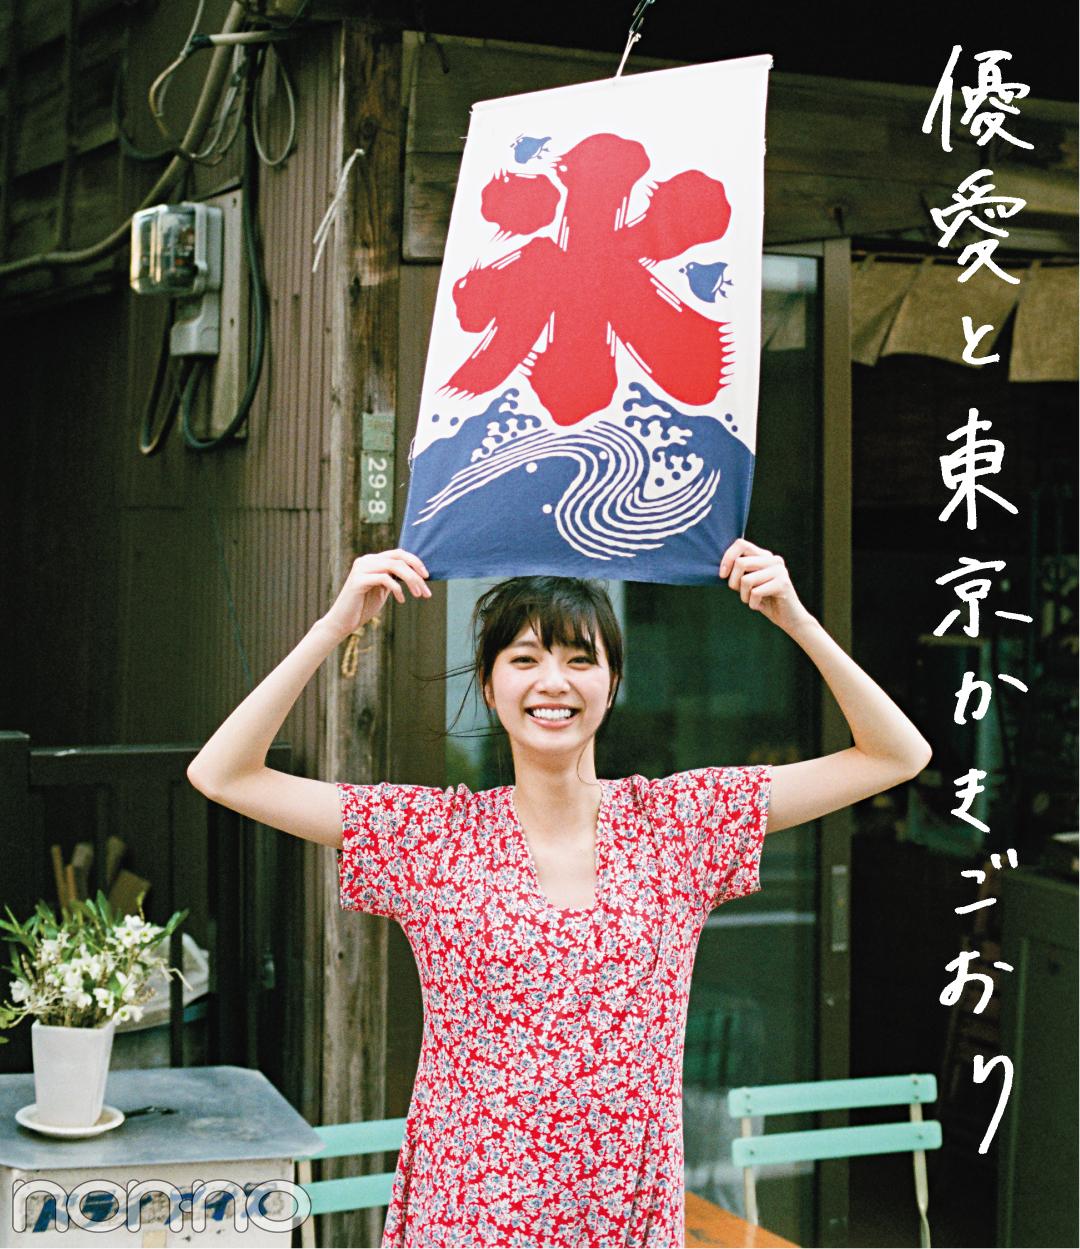 新川優愛のおすすめ♡ 東京かき氷SHOPをご案内!_1_1